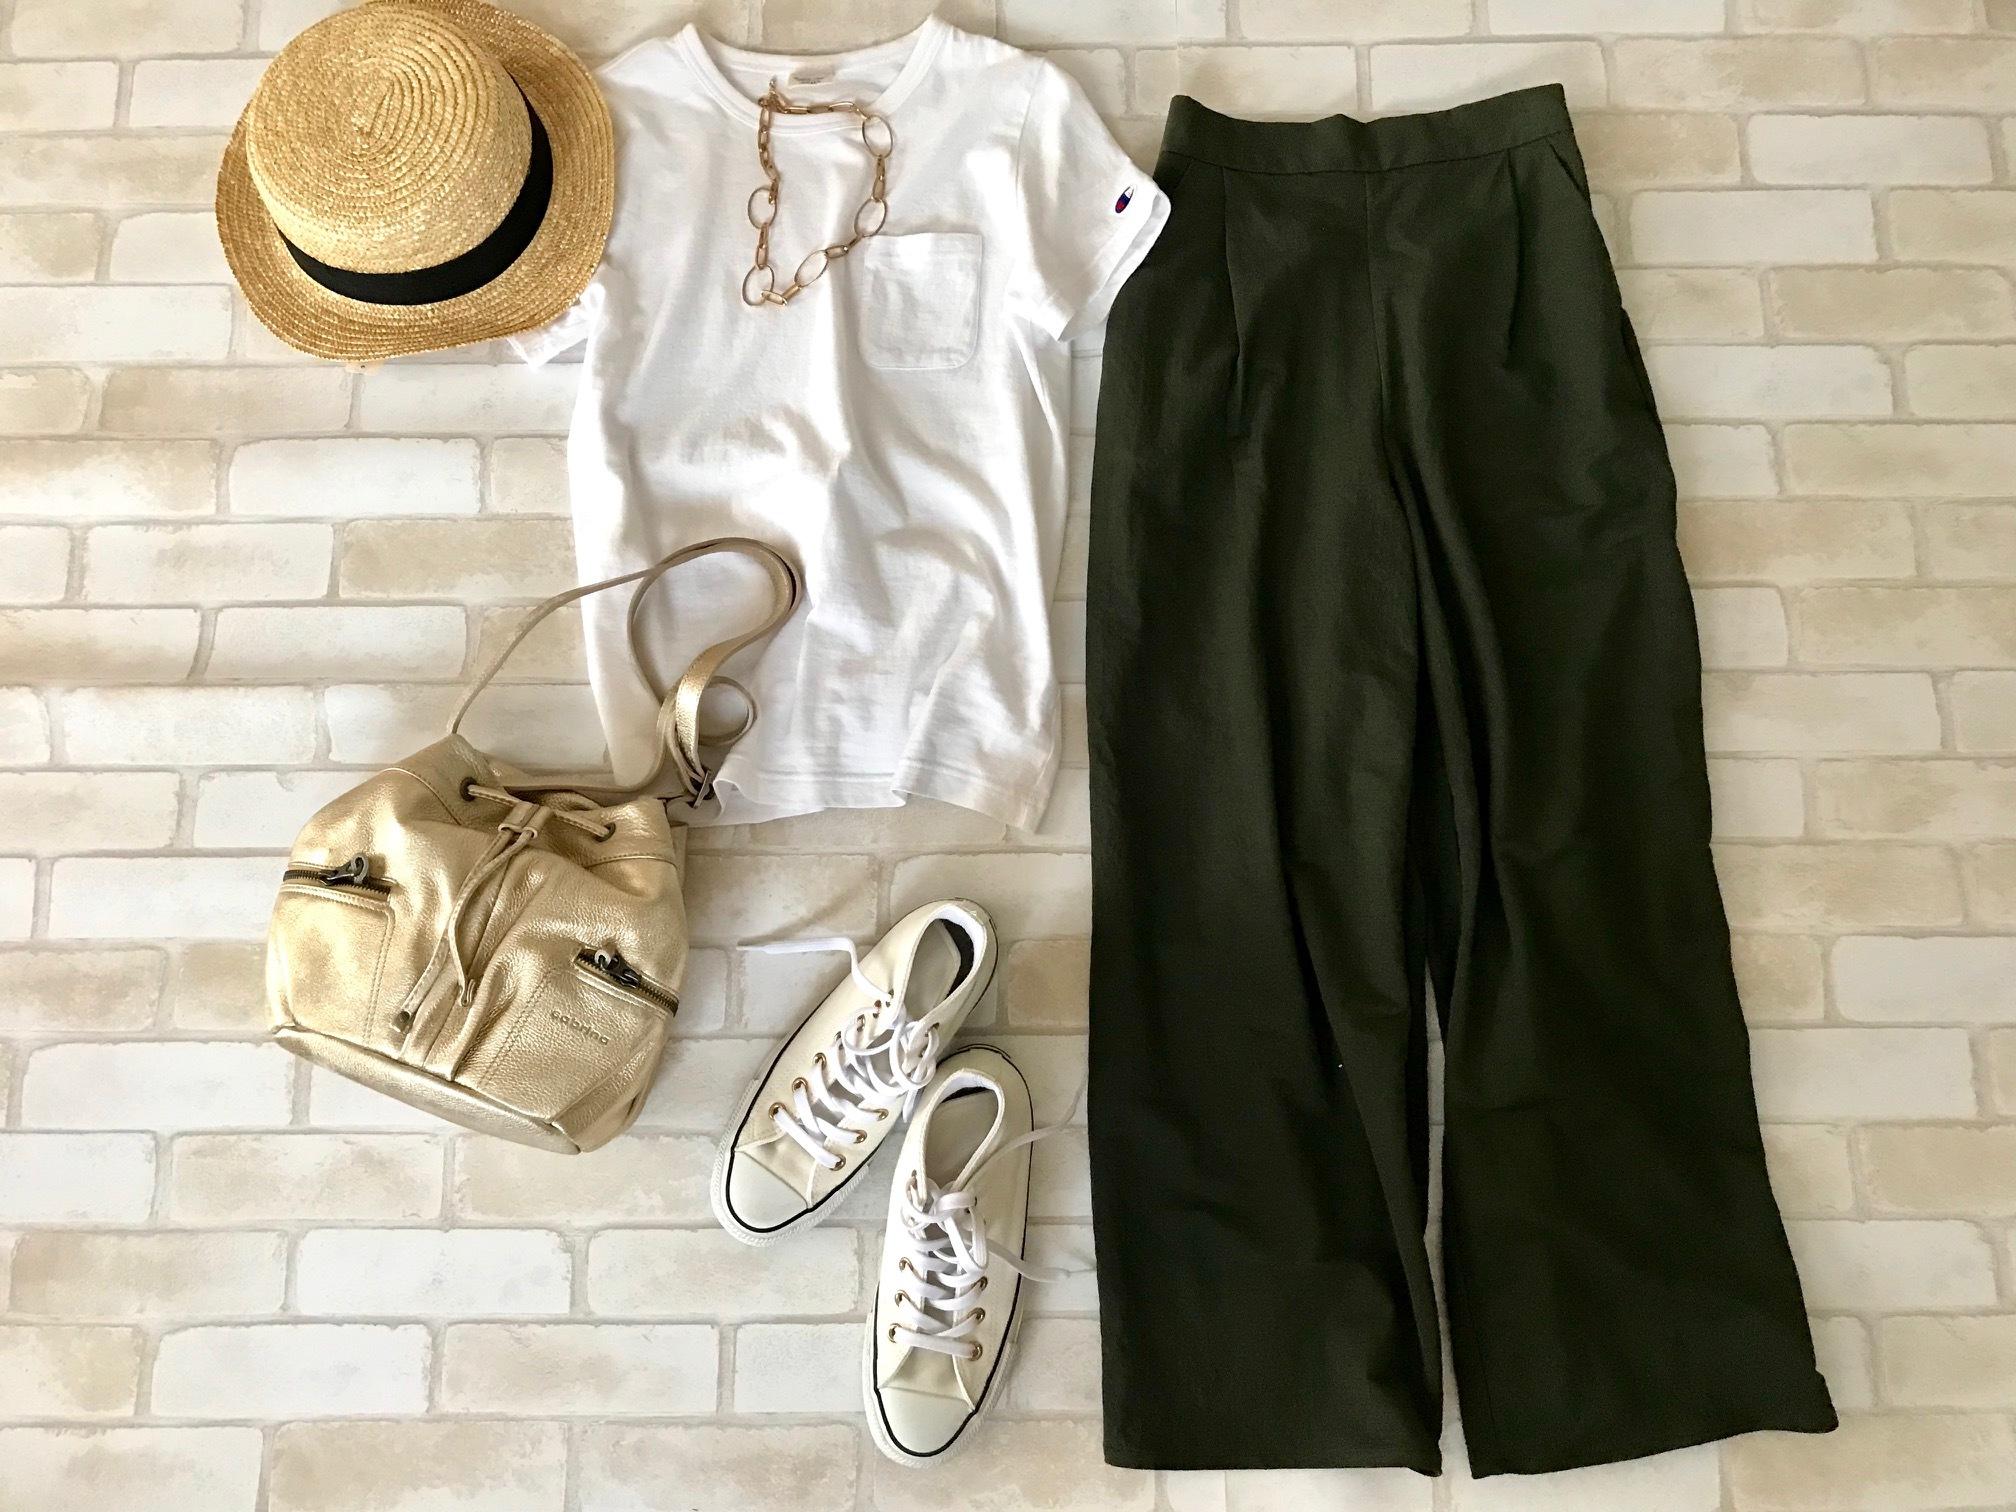 真夏の通勤服、名品「GU」2点で涼しい5日間_1_5-1